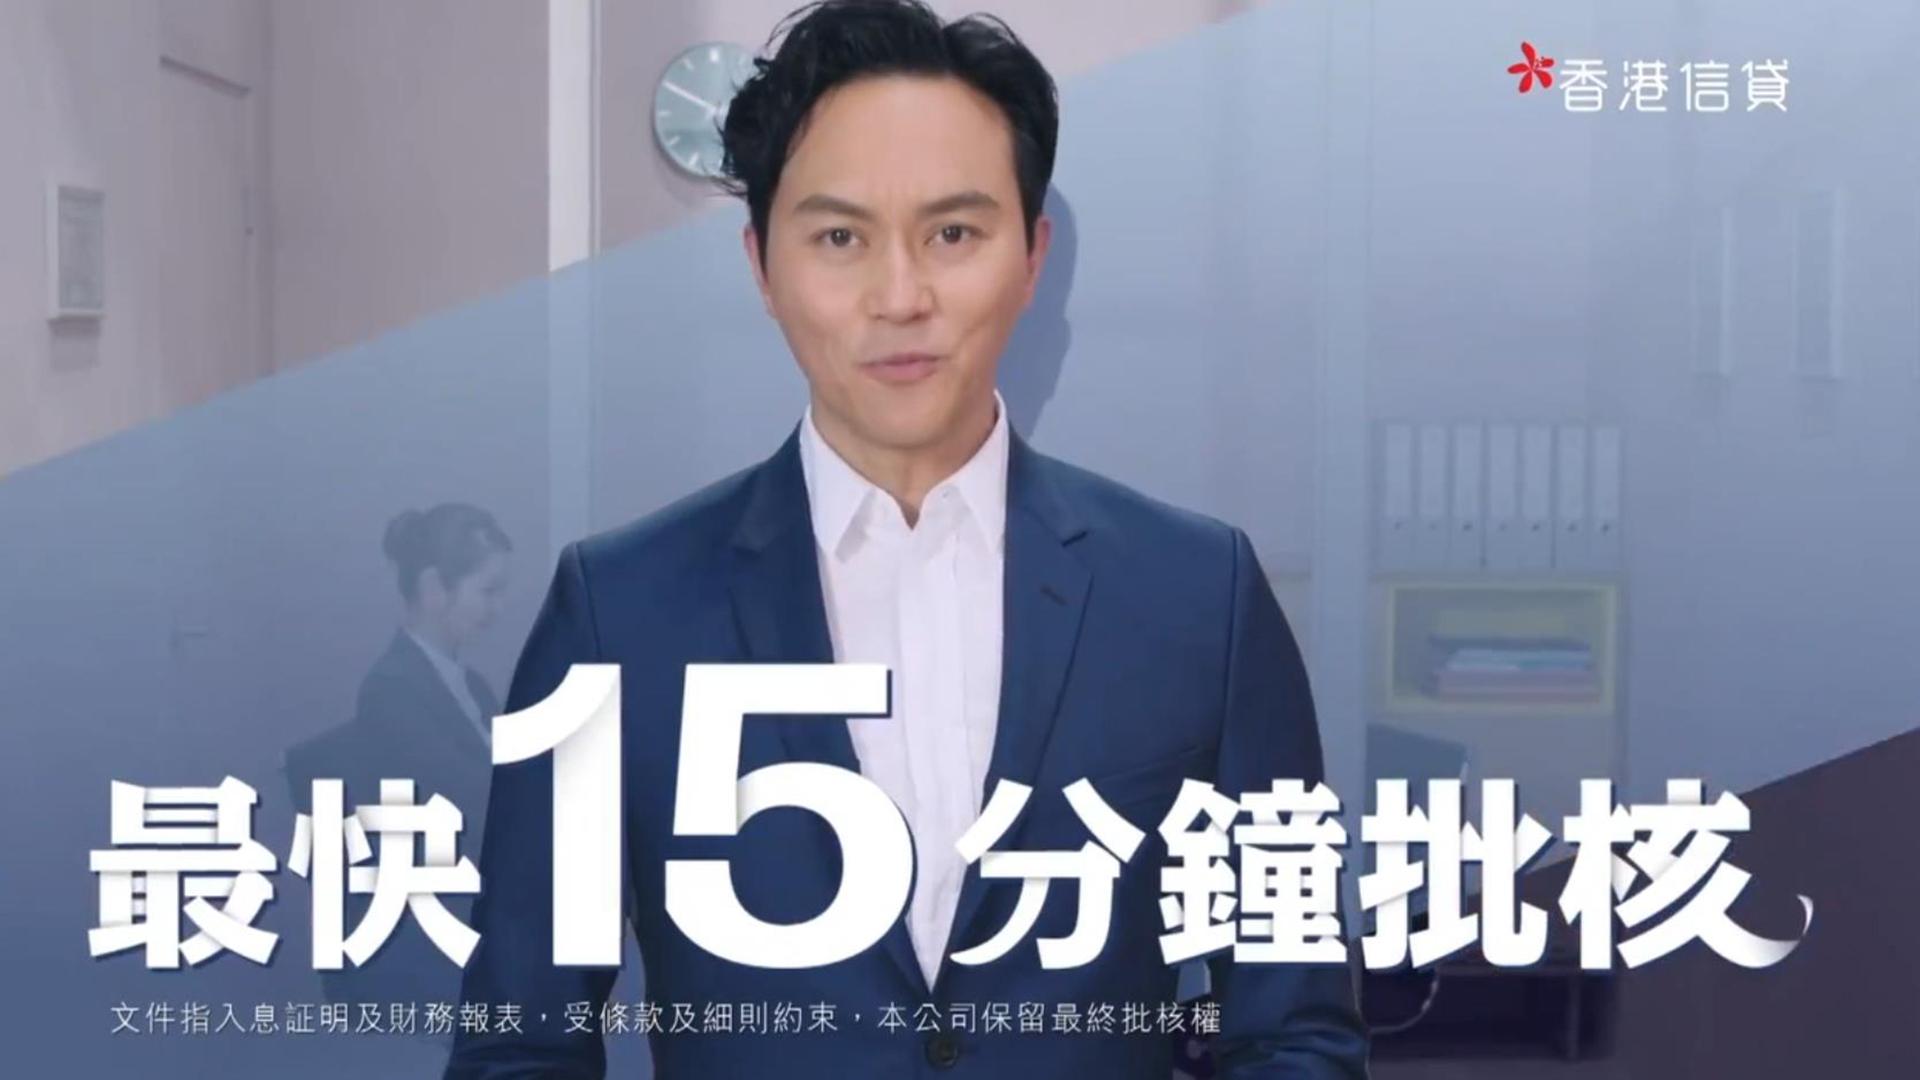 香港信贷x张智霖广告